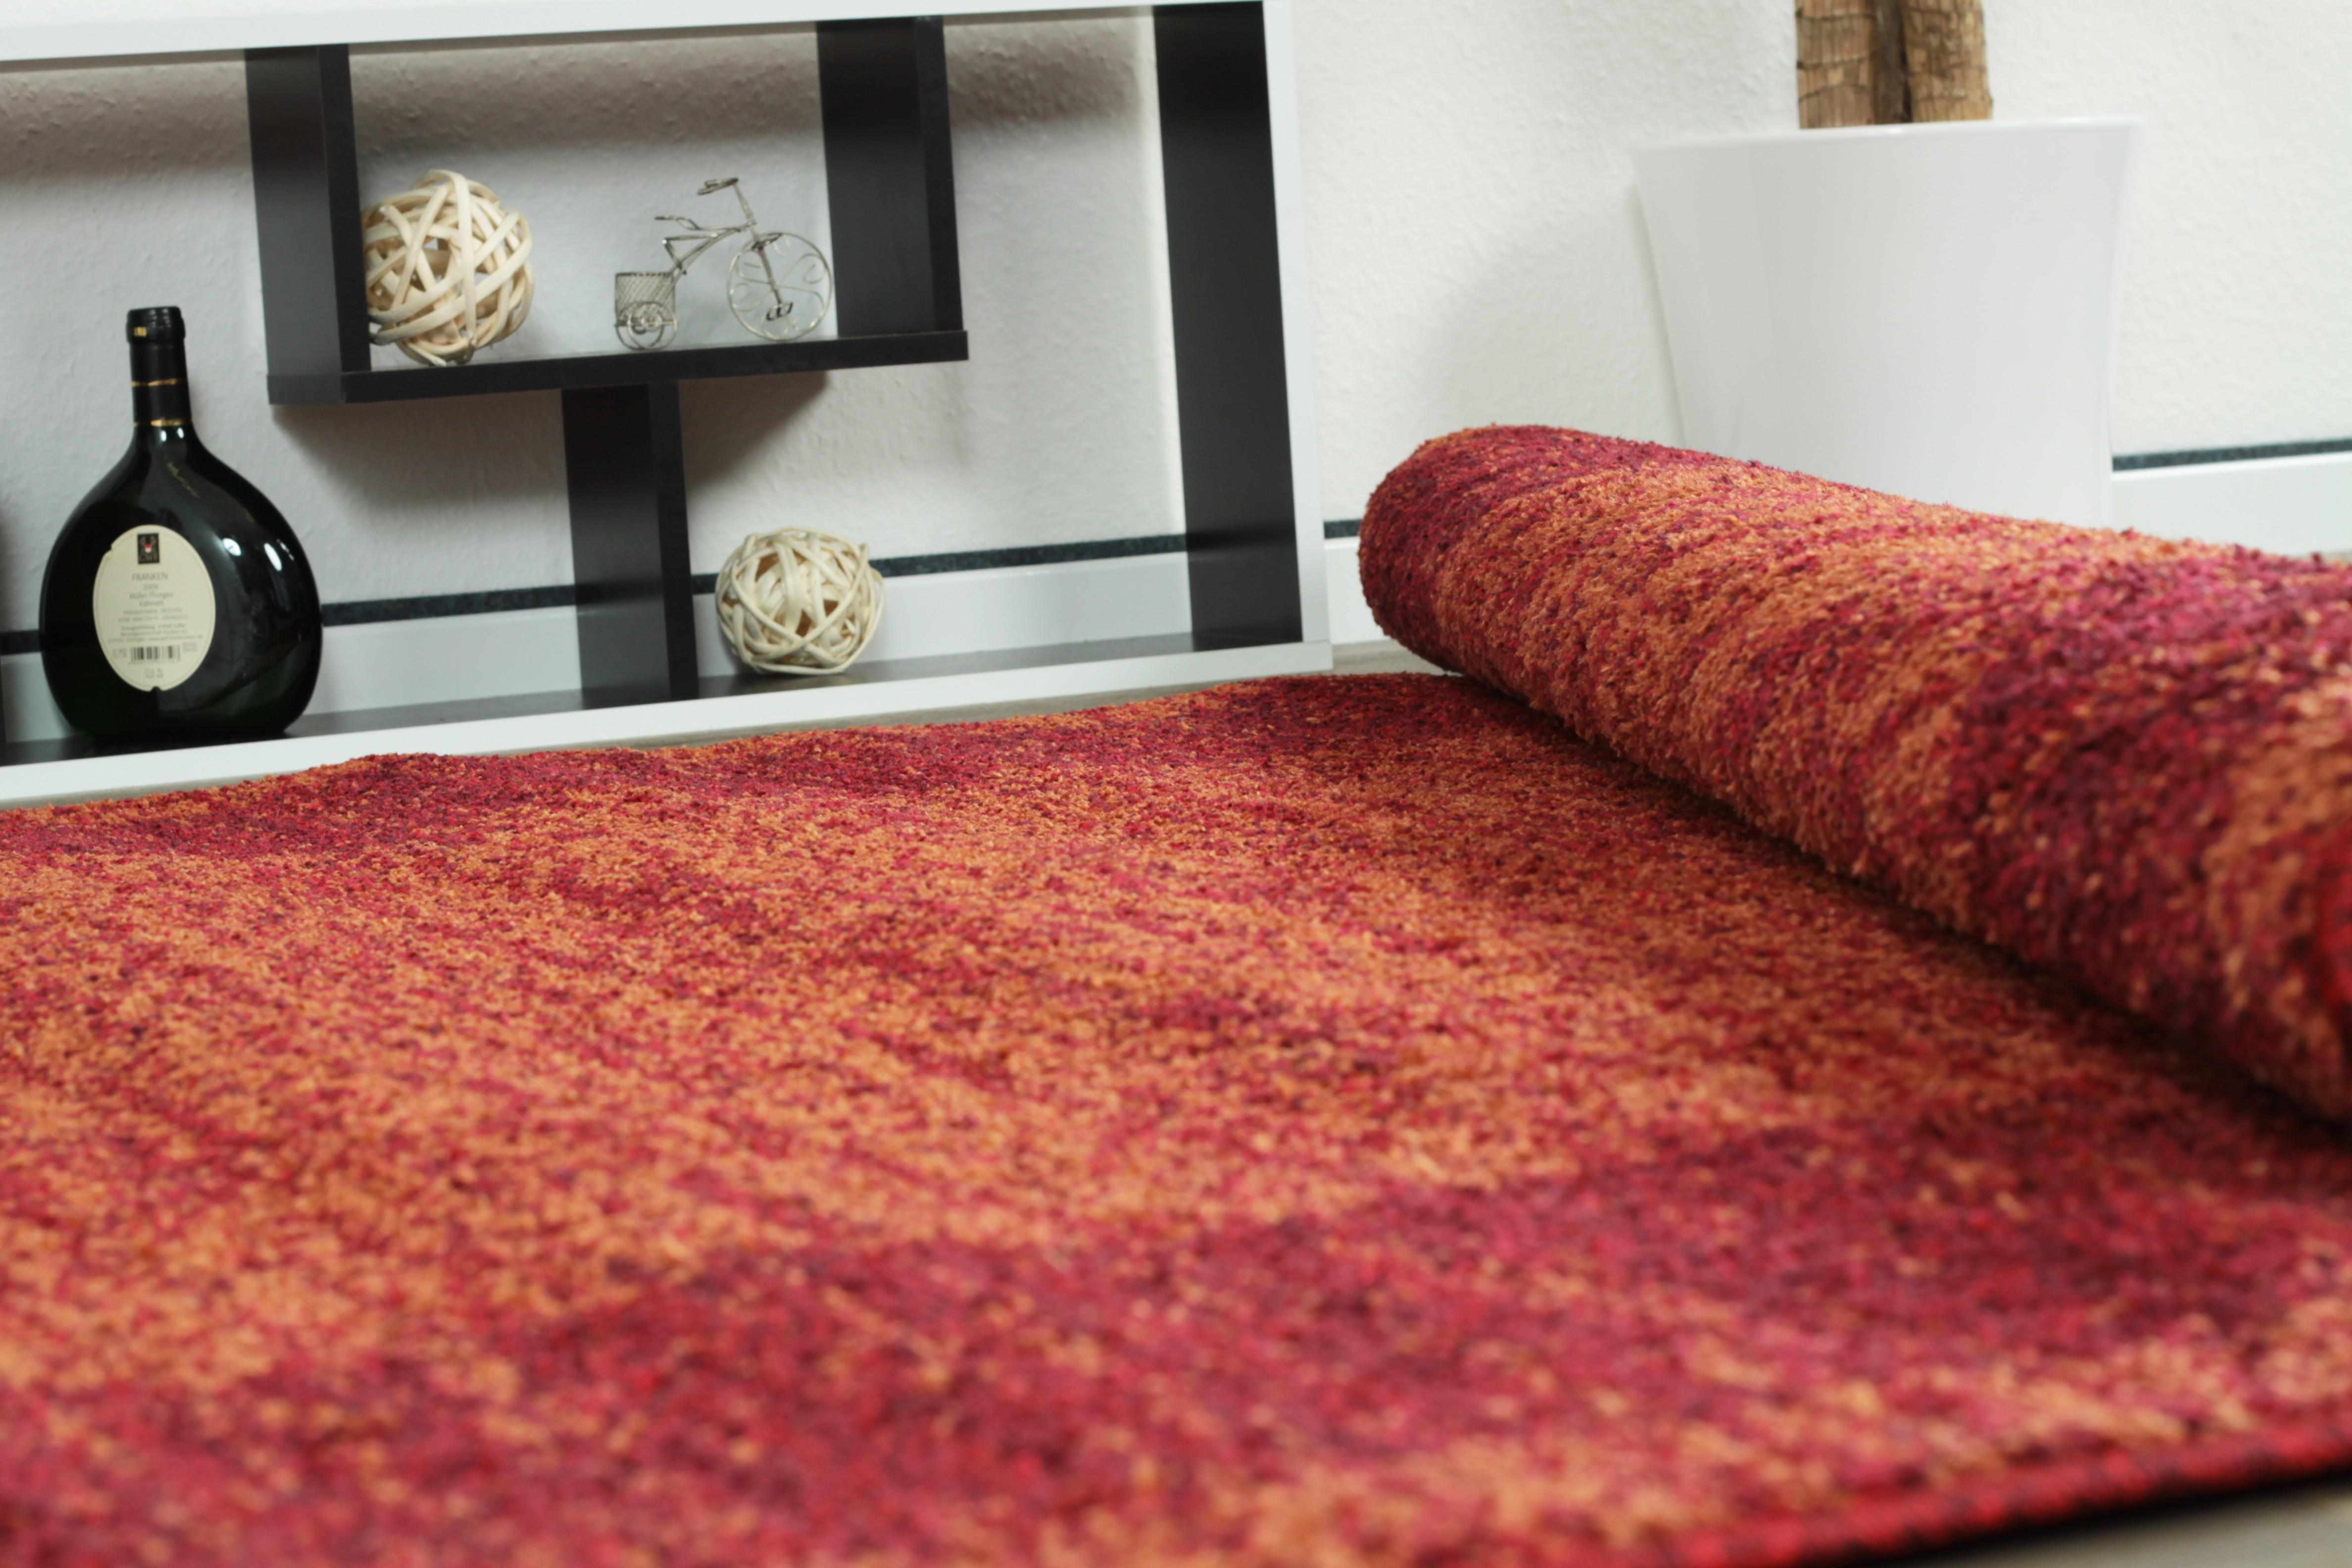 tapis en rouge look contemporain grande salon d 39 entr e couloir loures. Black Bedroom Furniture Sets. Home Design Ideas